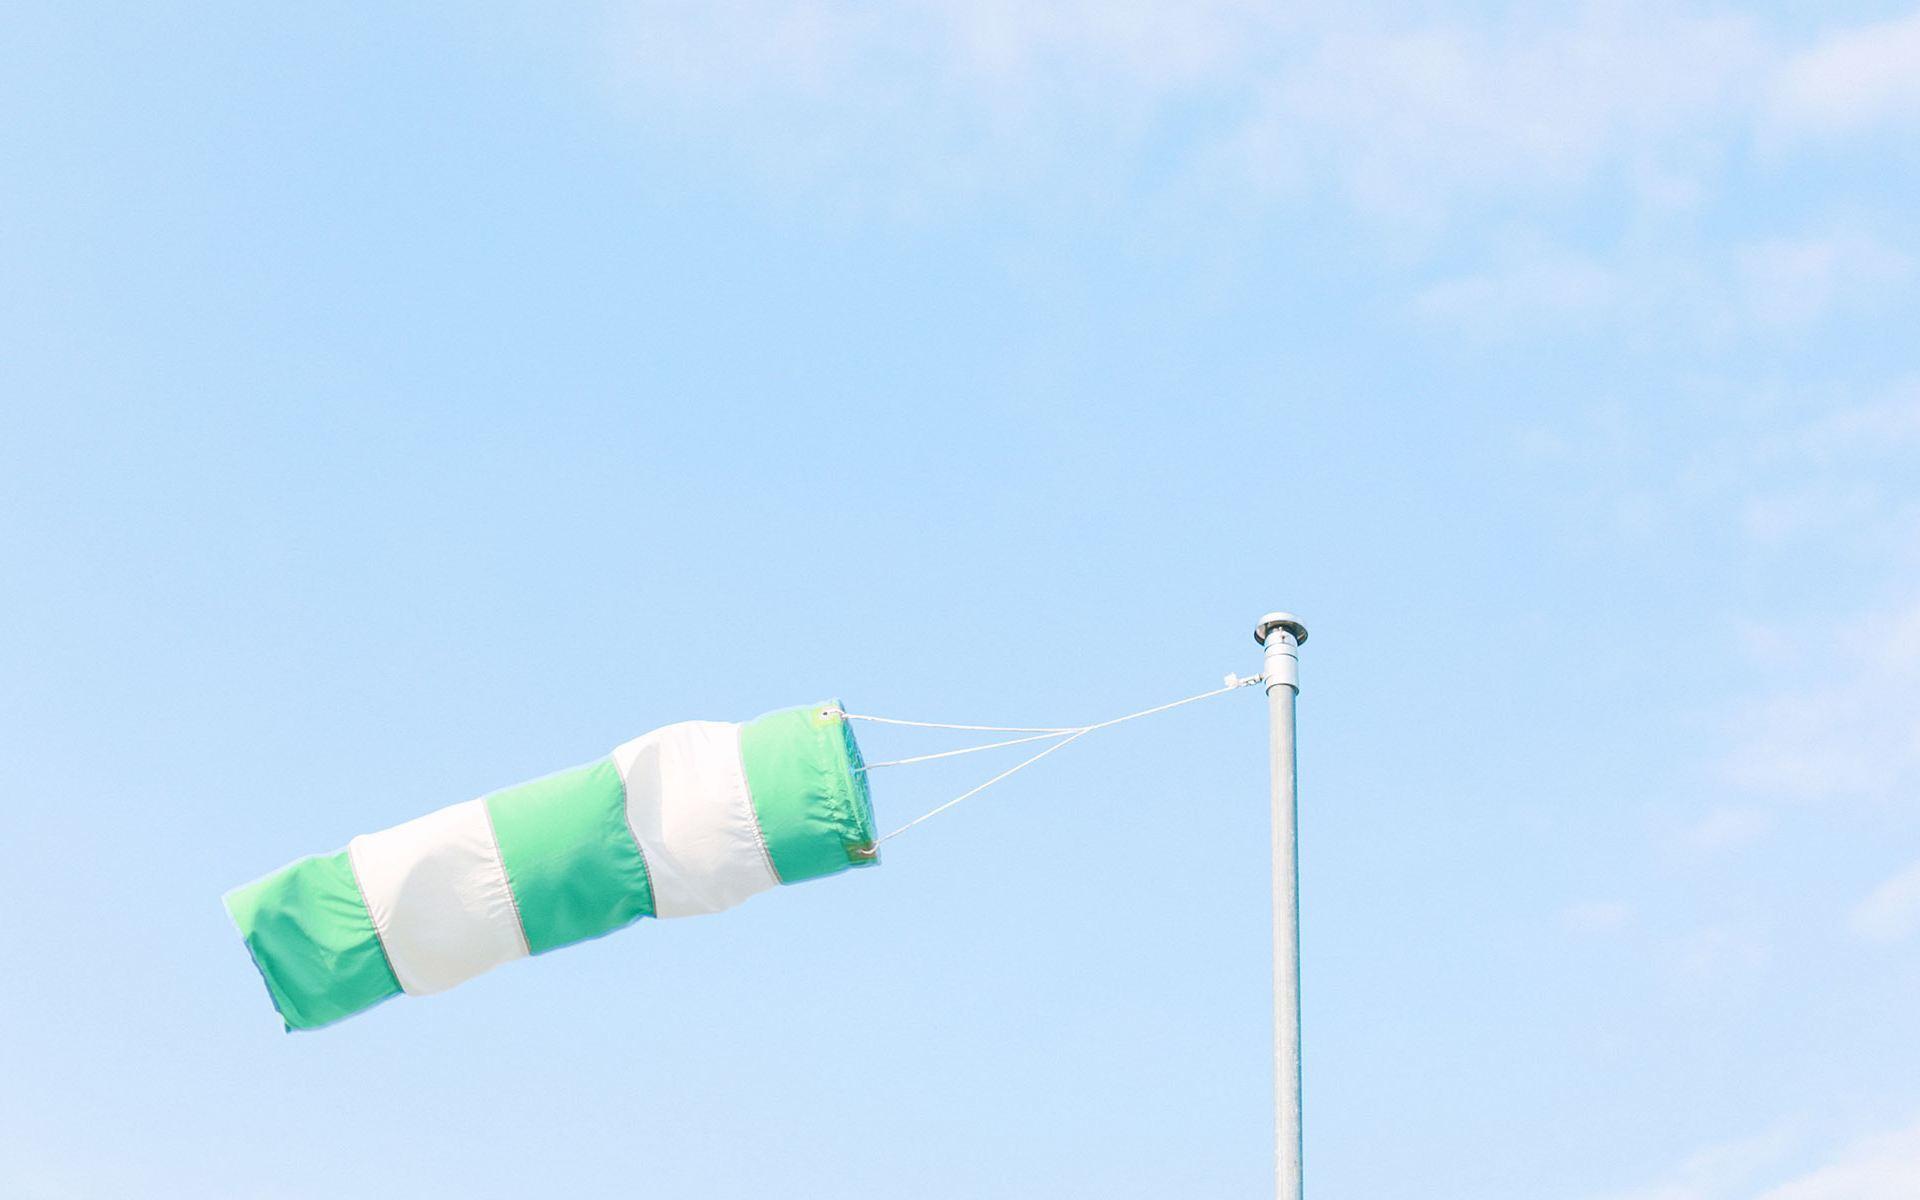 逆风飞翔的人生励志正能量经典语录